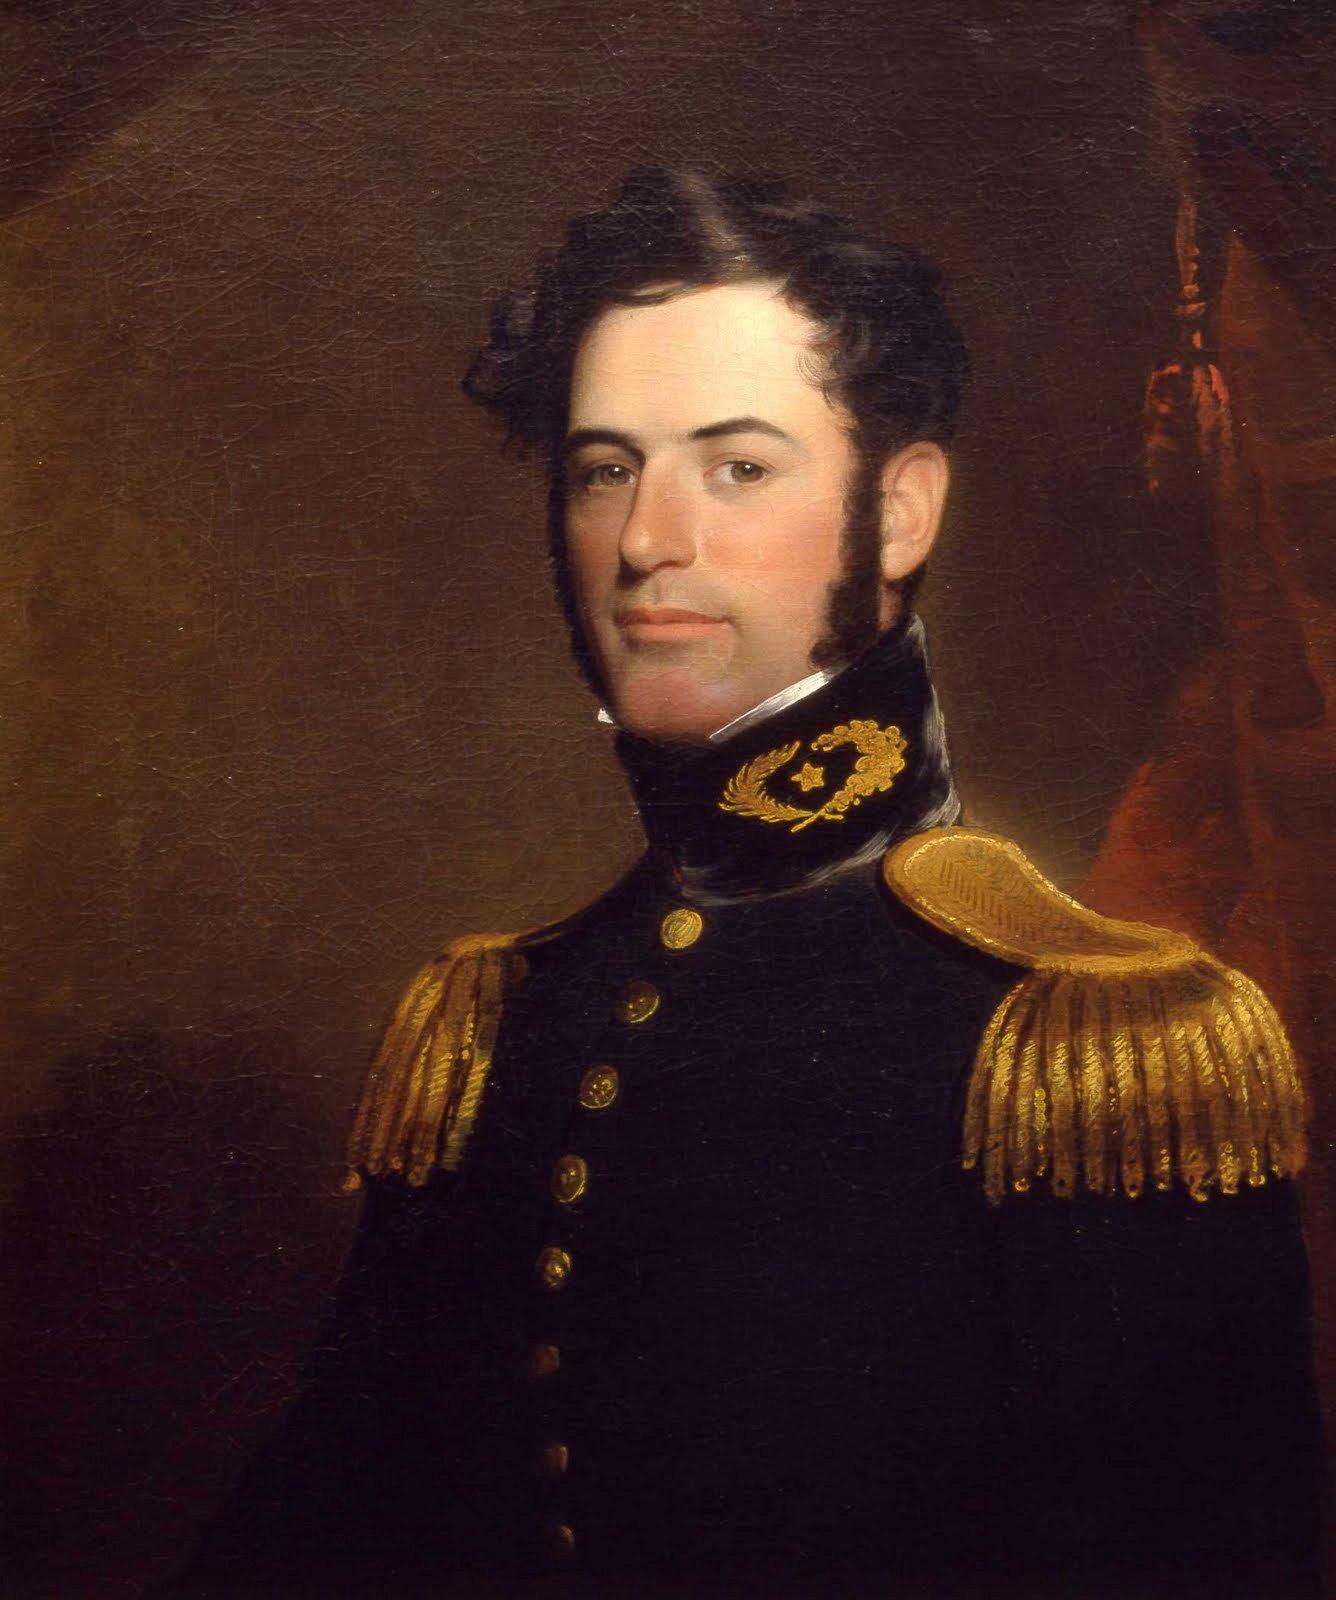 Robert E. Lee circa 1838